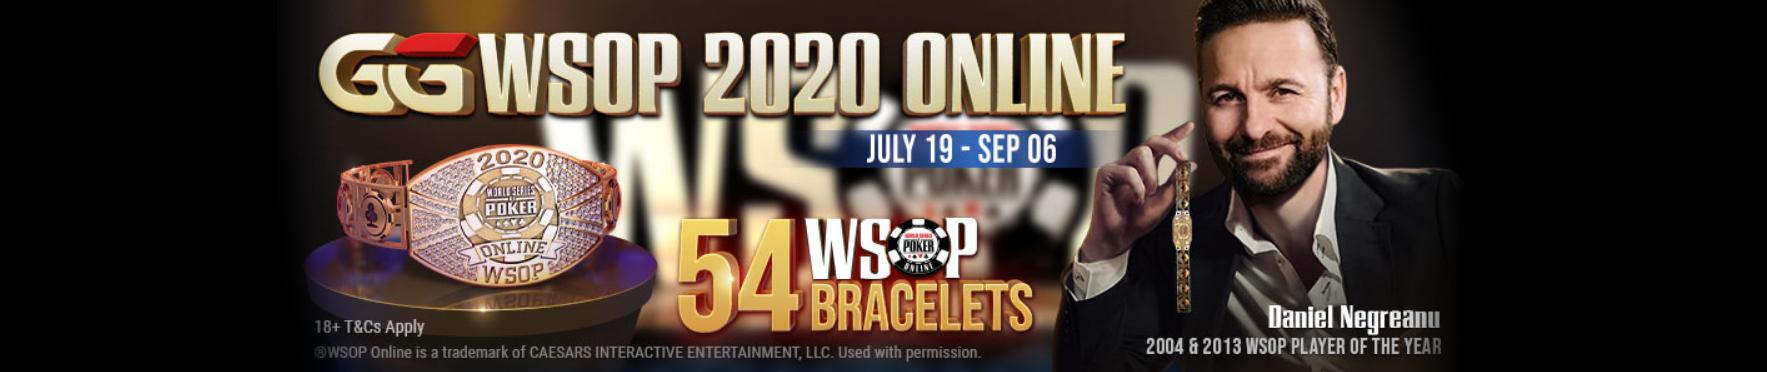 GG Poker WSOP